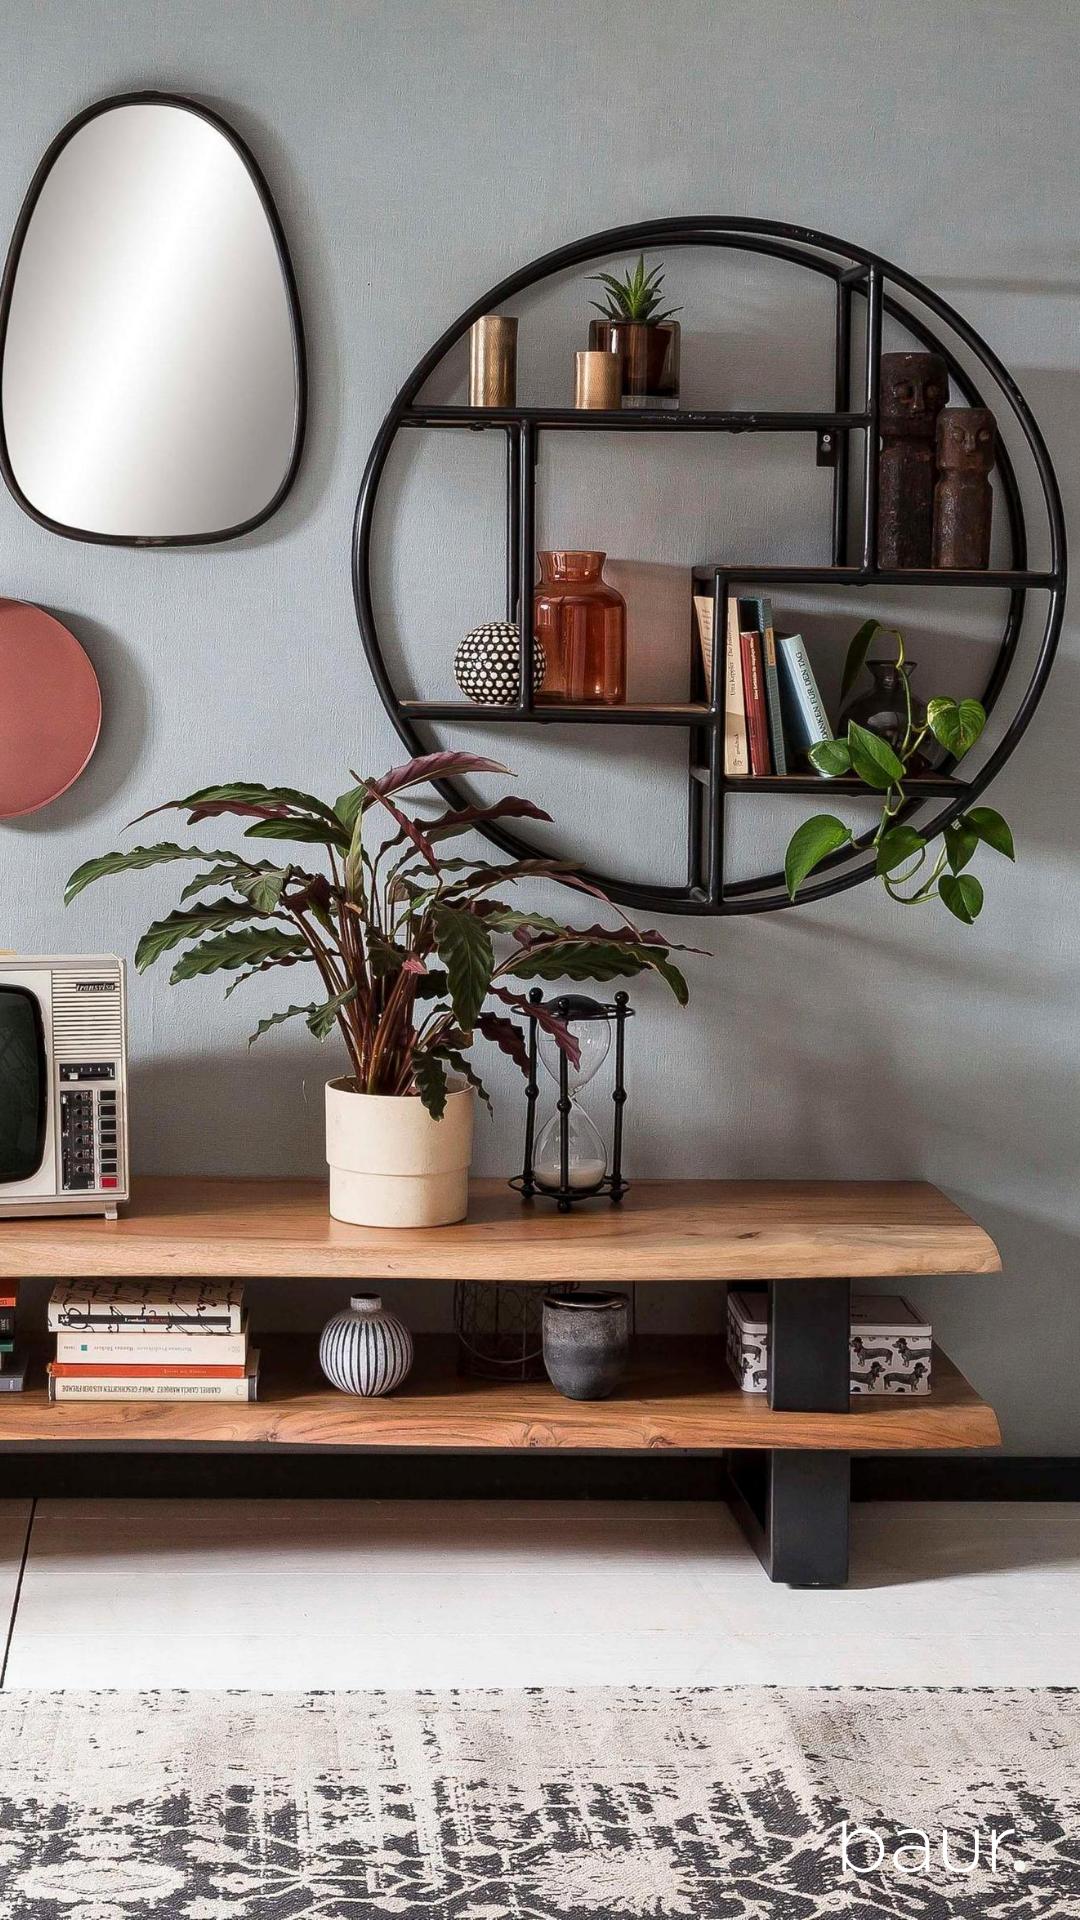 Wohnzimmer Ideen von baur.de – Einrichtungsideen für dein Wohnzimmer